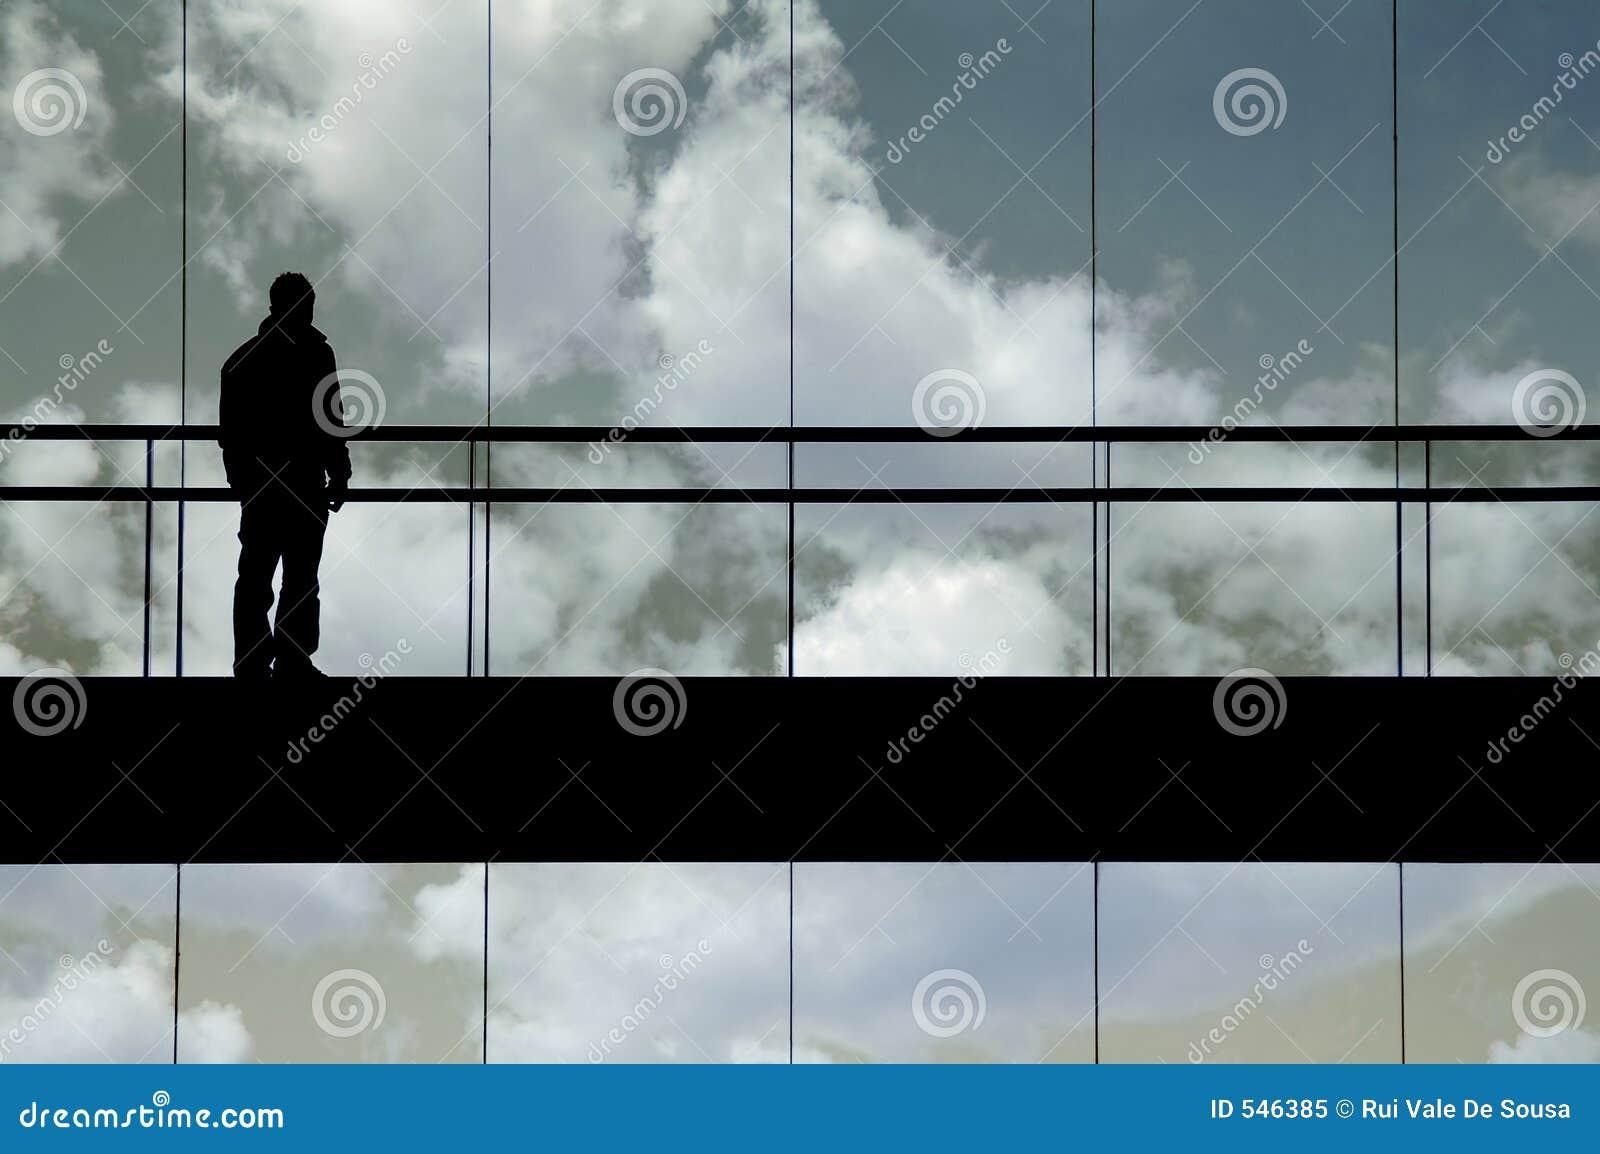 Download 云彩 库存图片. 图片 包括有 天堂般, 黑暗, 梦想, 天空, 地图集, 拱道, 男朋友, 生活, 布琼布拉 - 546385